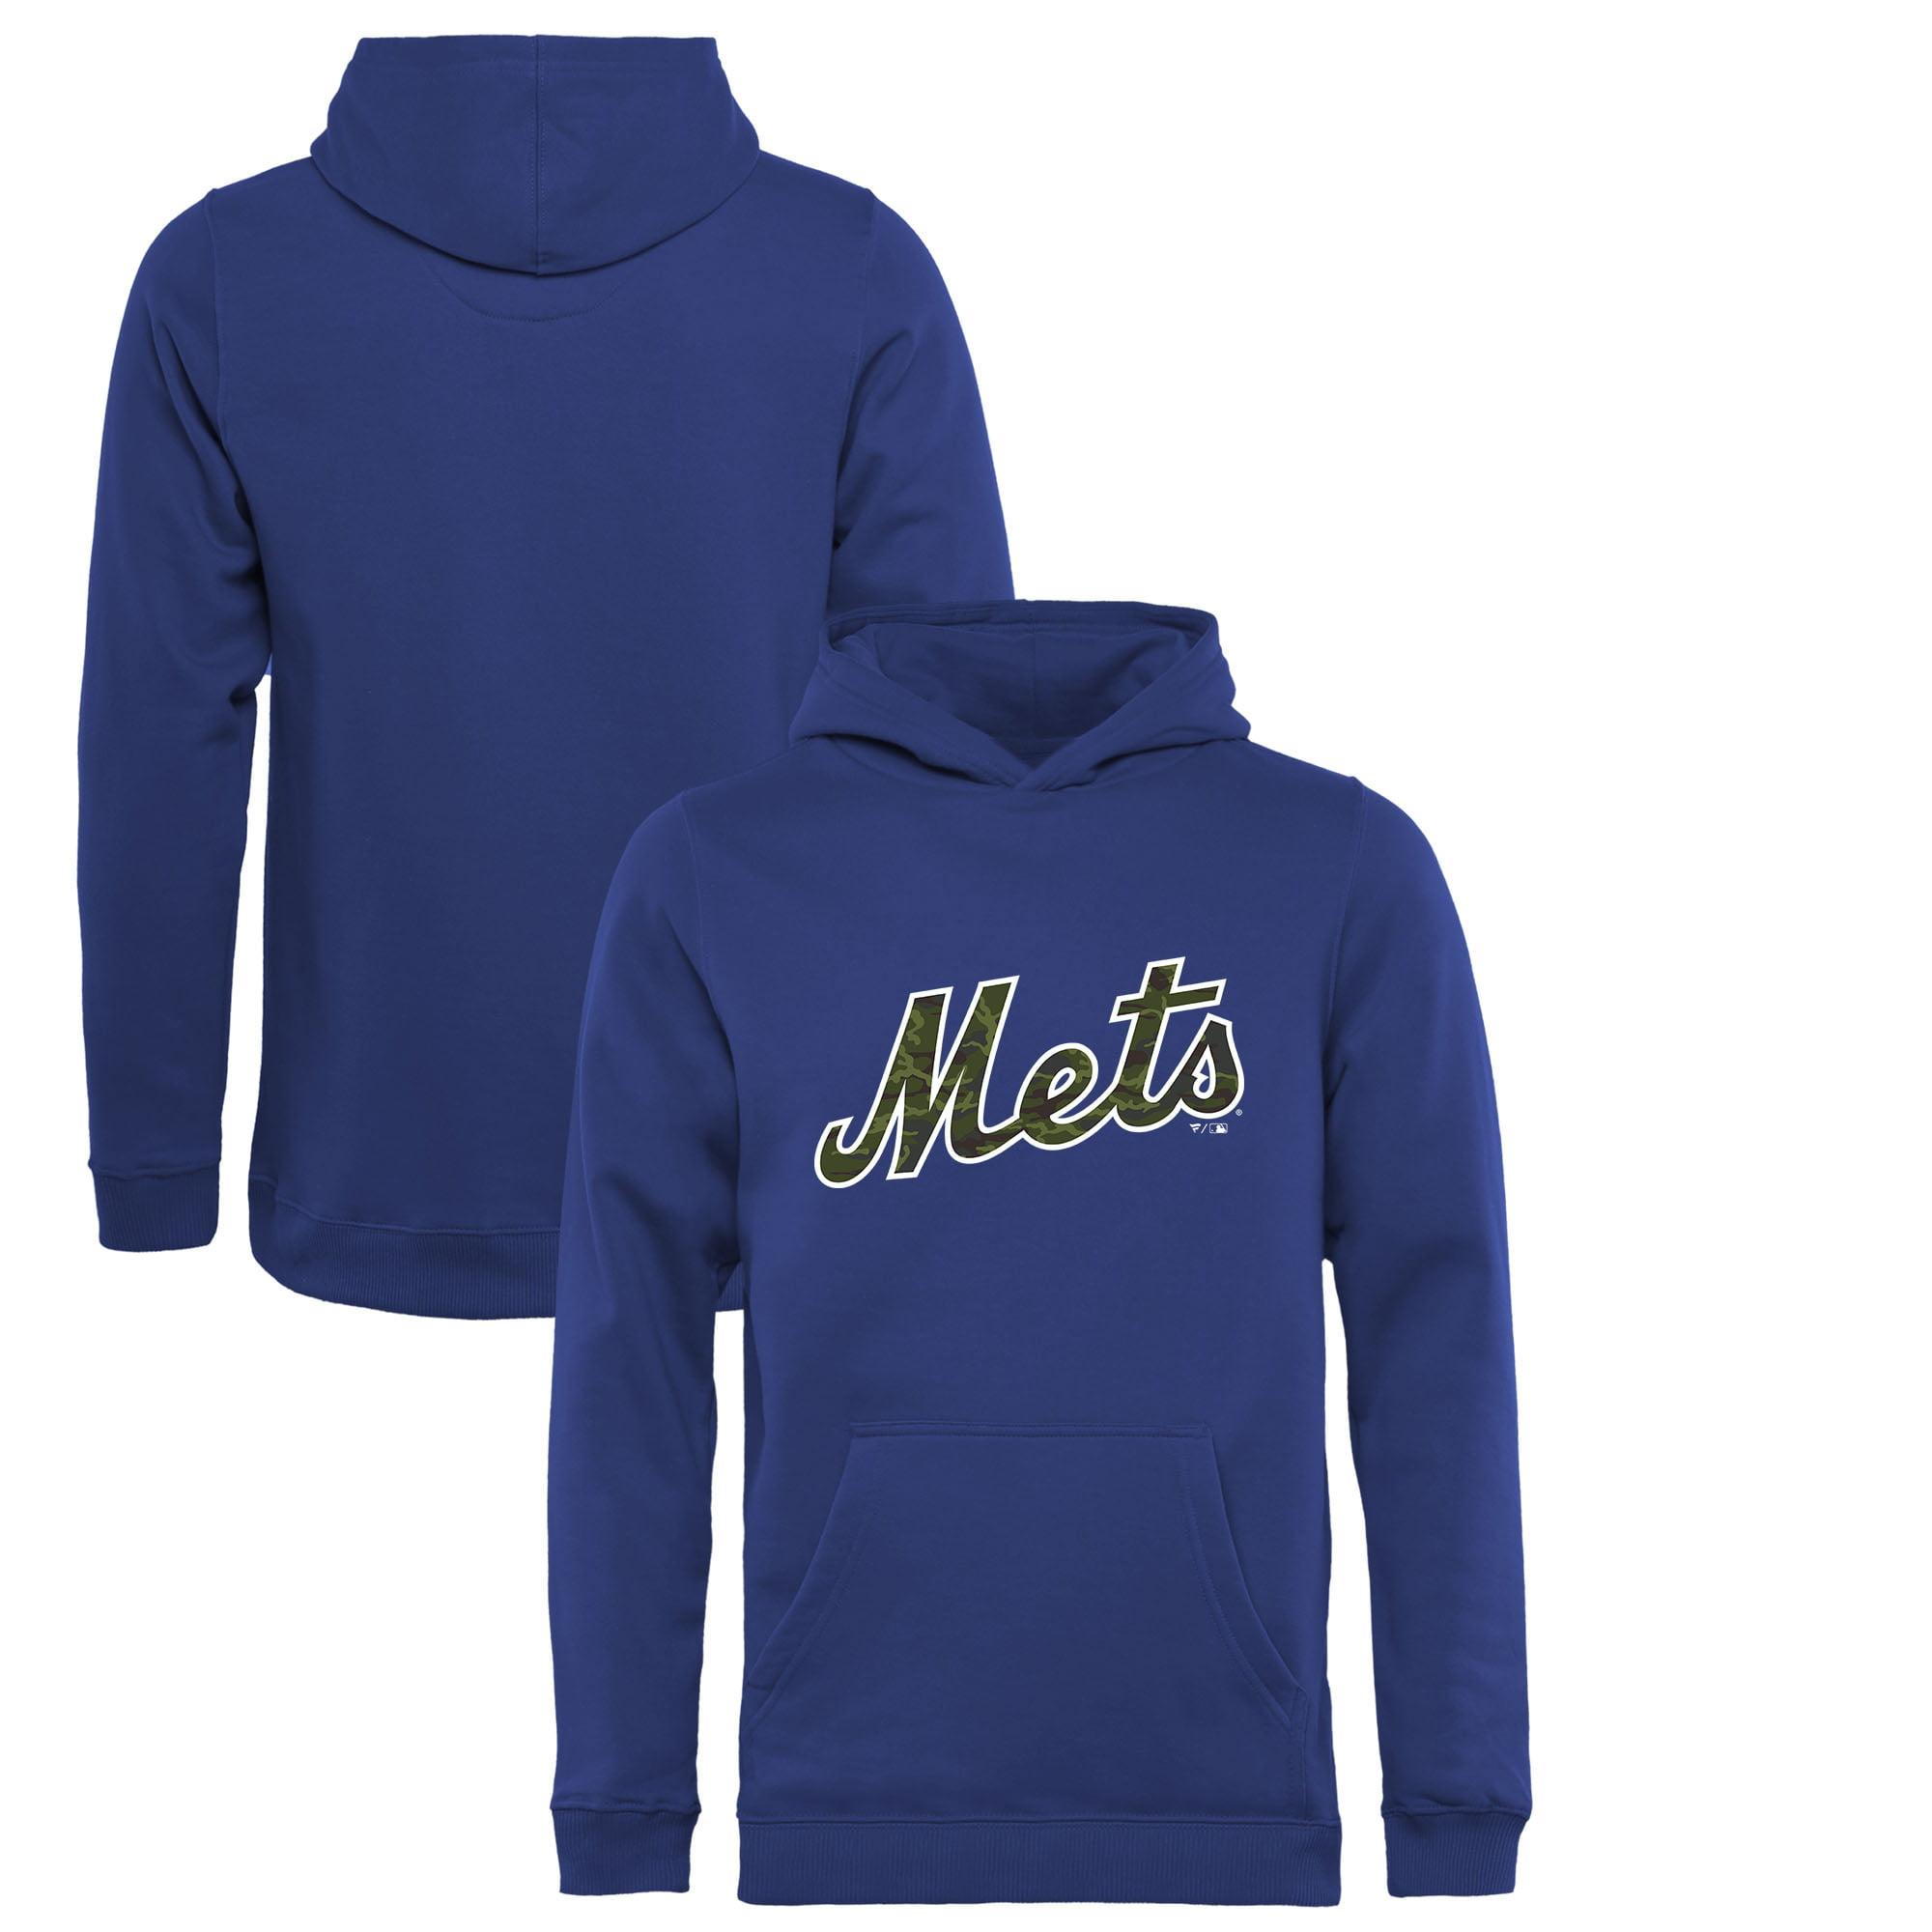 New York Mets Fanatics Branded Youth Memorial Wordmark Pullover Hoodie - Royal